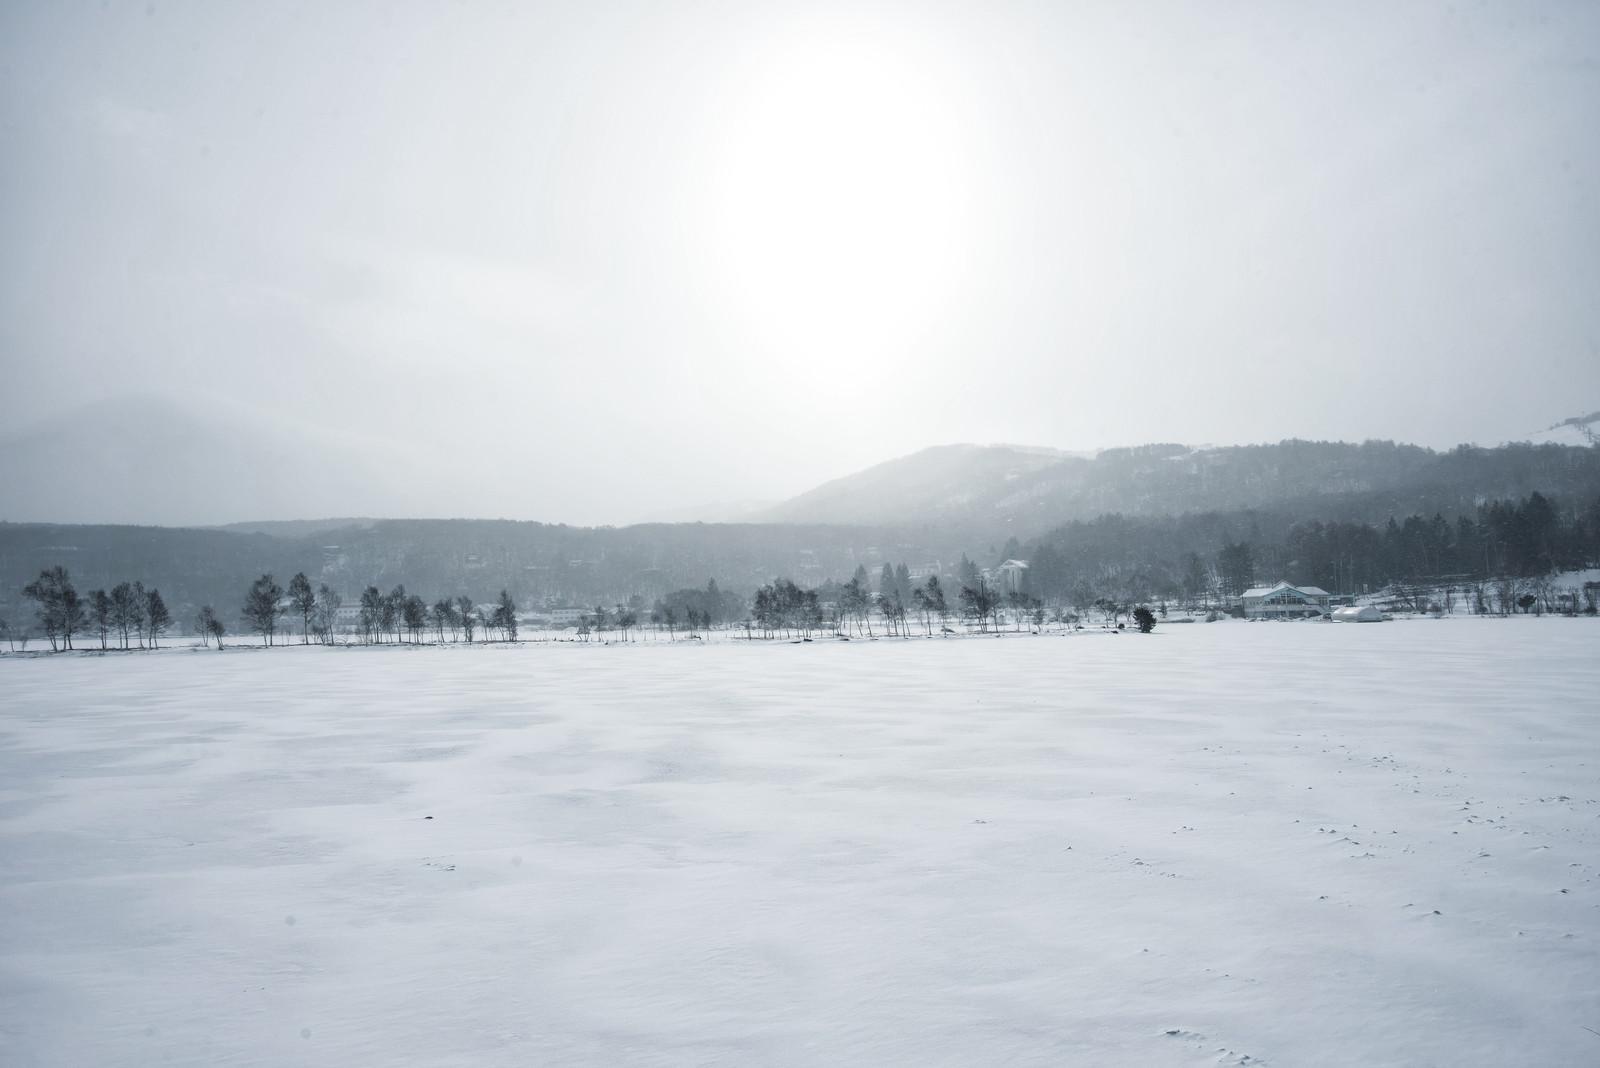 紋別流氷まつり2020の見どころと日程、駐車場やアクセスも紹介!